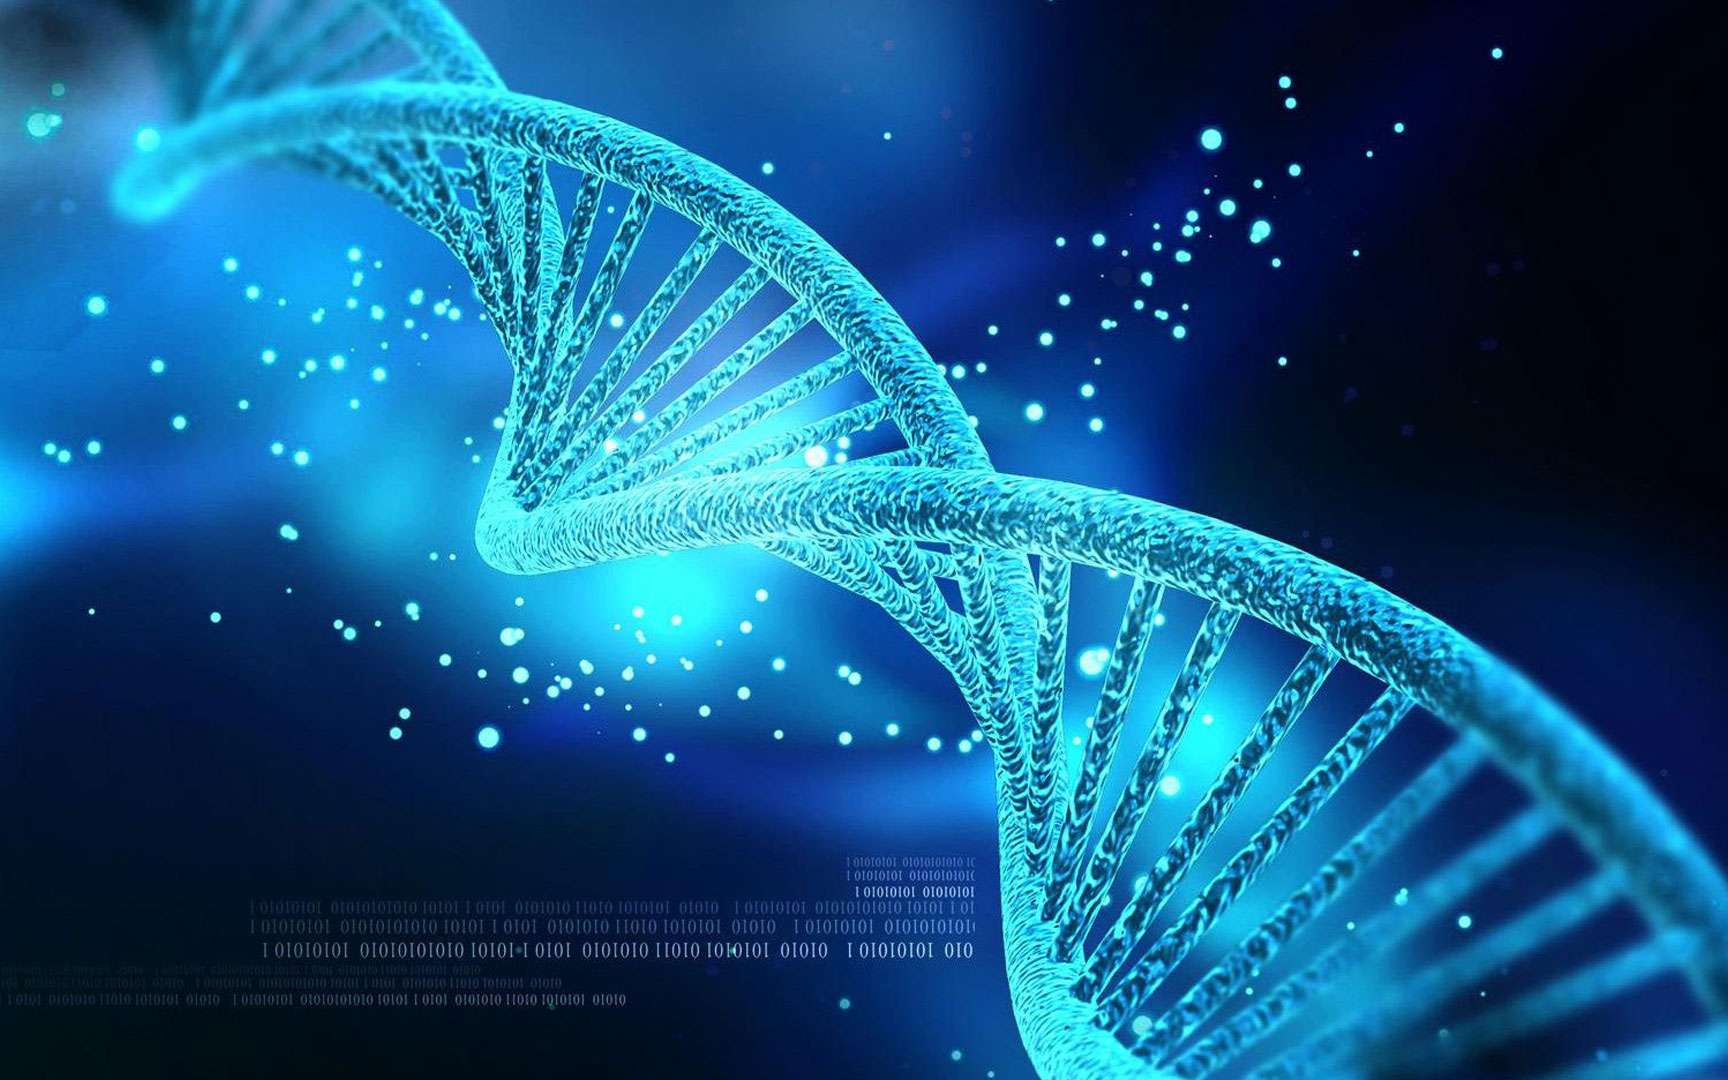 La découverte de l'ADN, cette précieuse molécule. La molécule d'ADN renferme l'information génétique, c'est-à-dire le génome. Sa structure a été déterminée en 1953 par James Watson et Francis Crick, qui auront le prix Nobel de médecine neuf ans plus tard. © Creations, Shutterstock